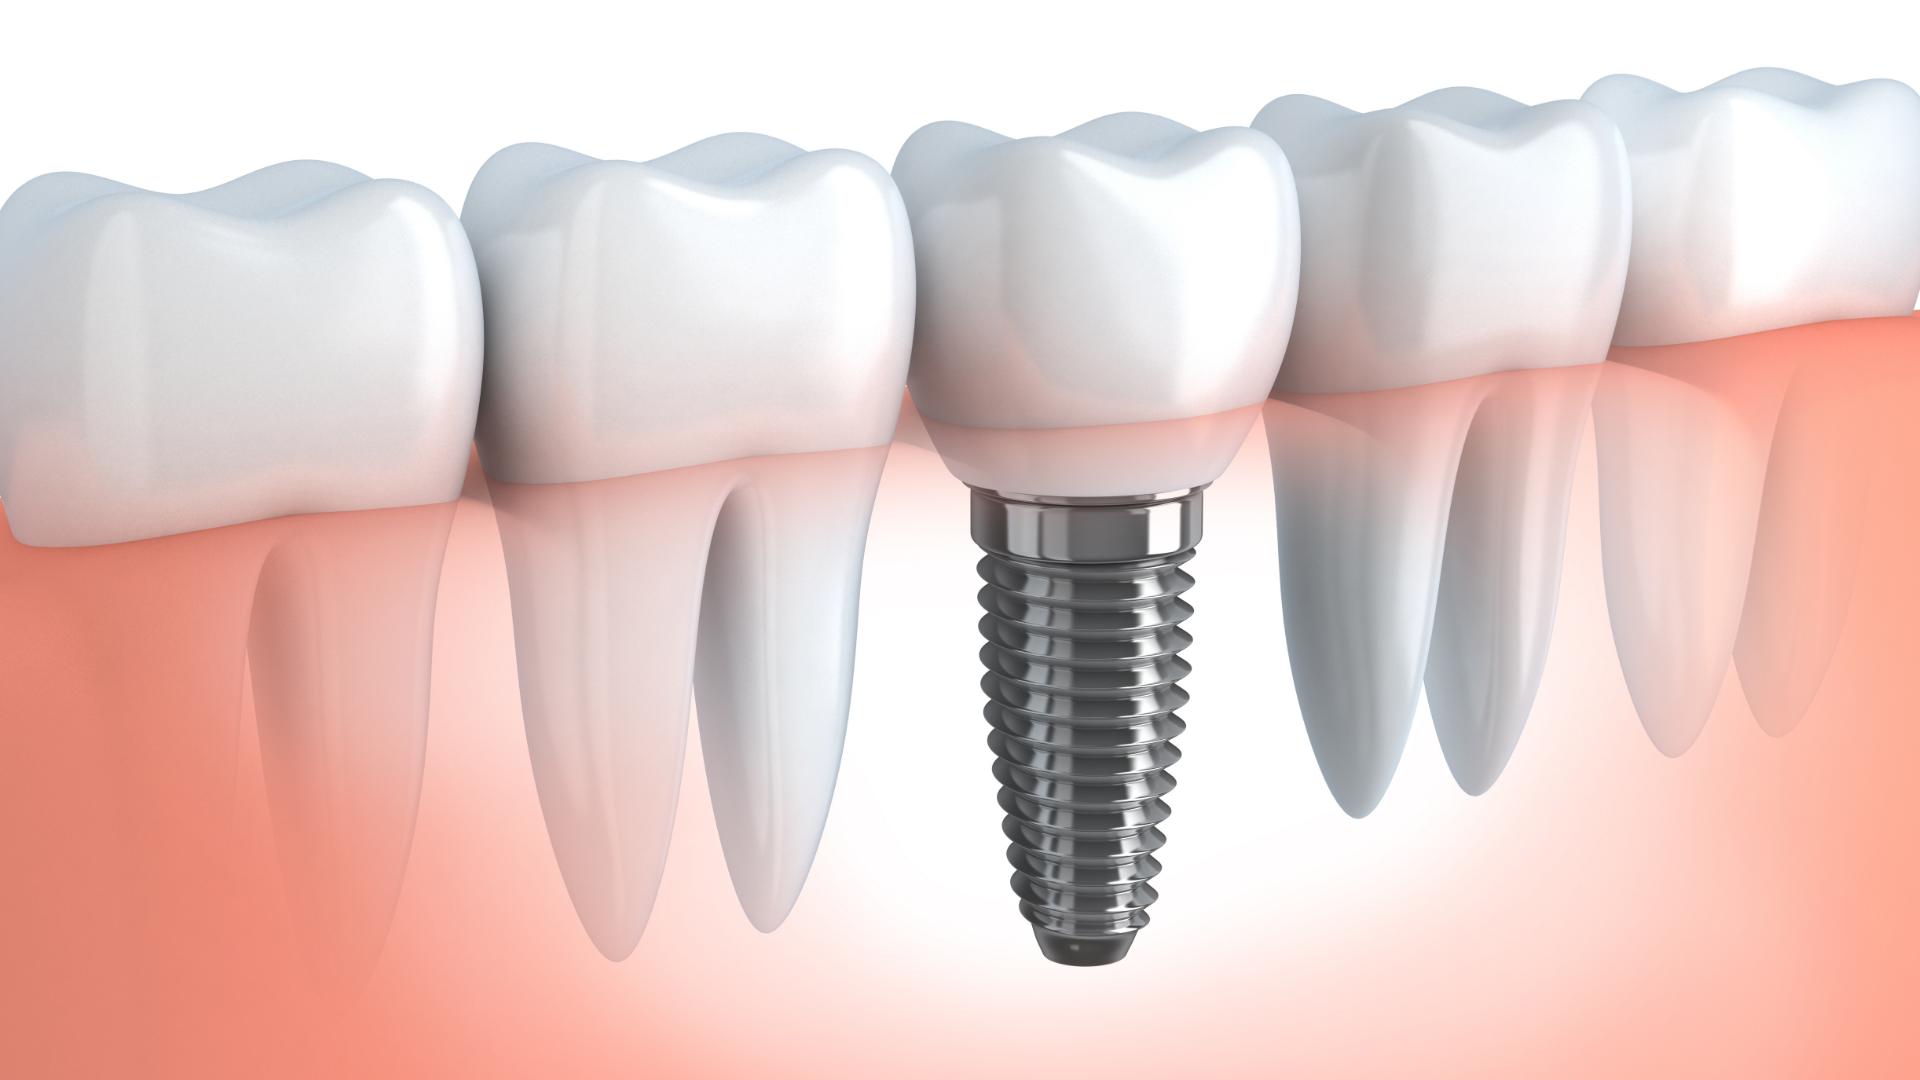 Implantologia dentale: tutto ciò che c'è da sapere